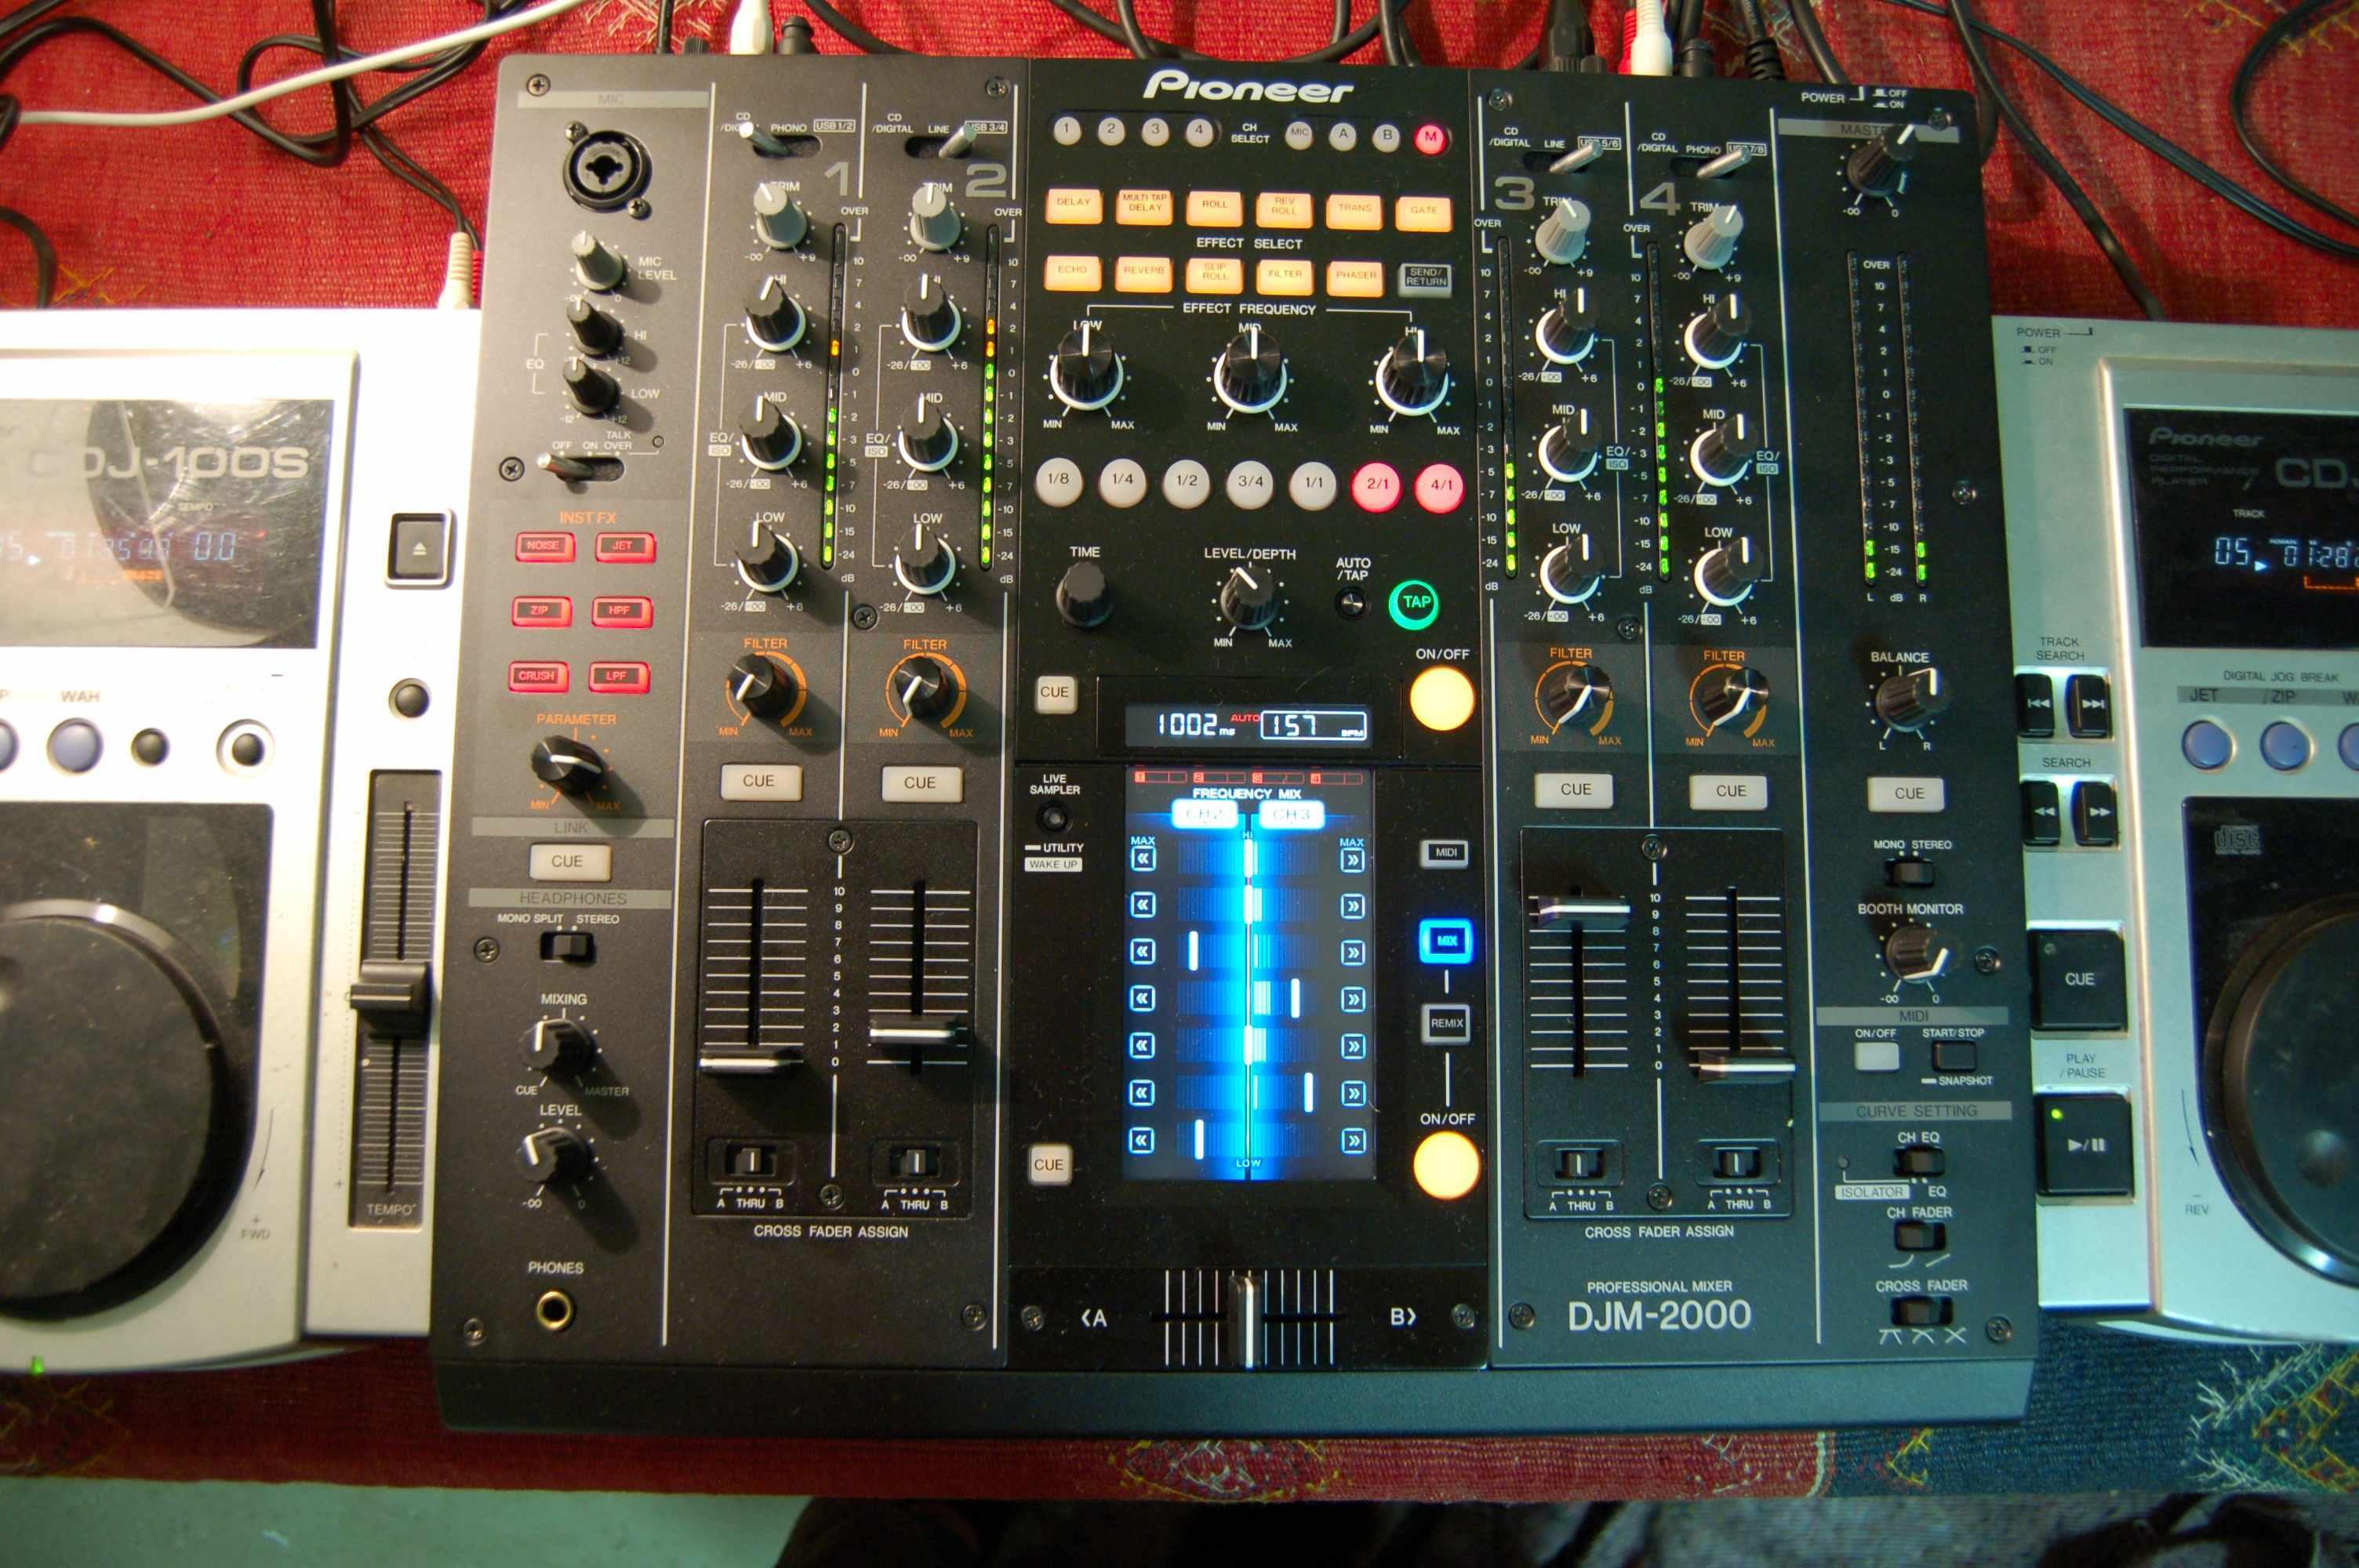 Test de la pioneer djm 2000 la reine des pionni res - Table de mixage pioneer djm 2000 ...